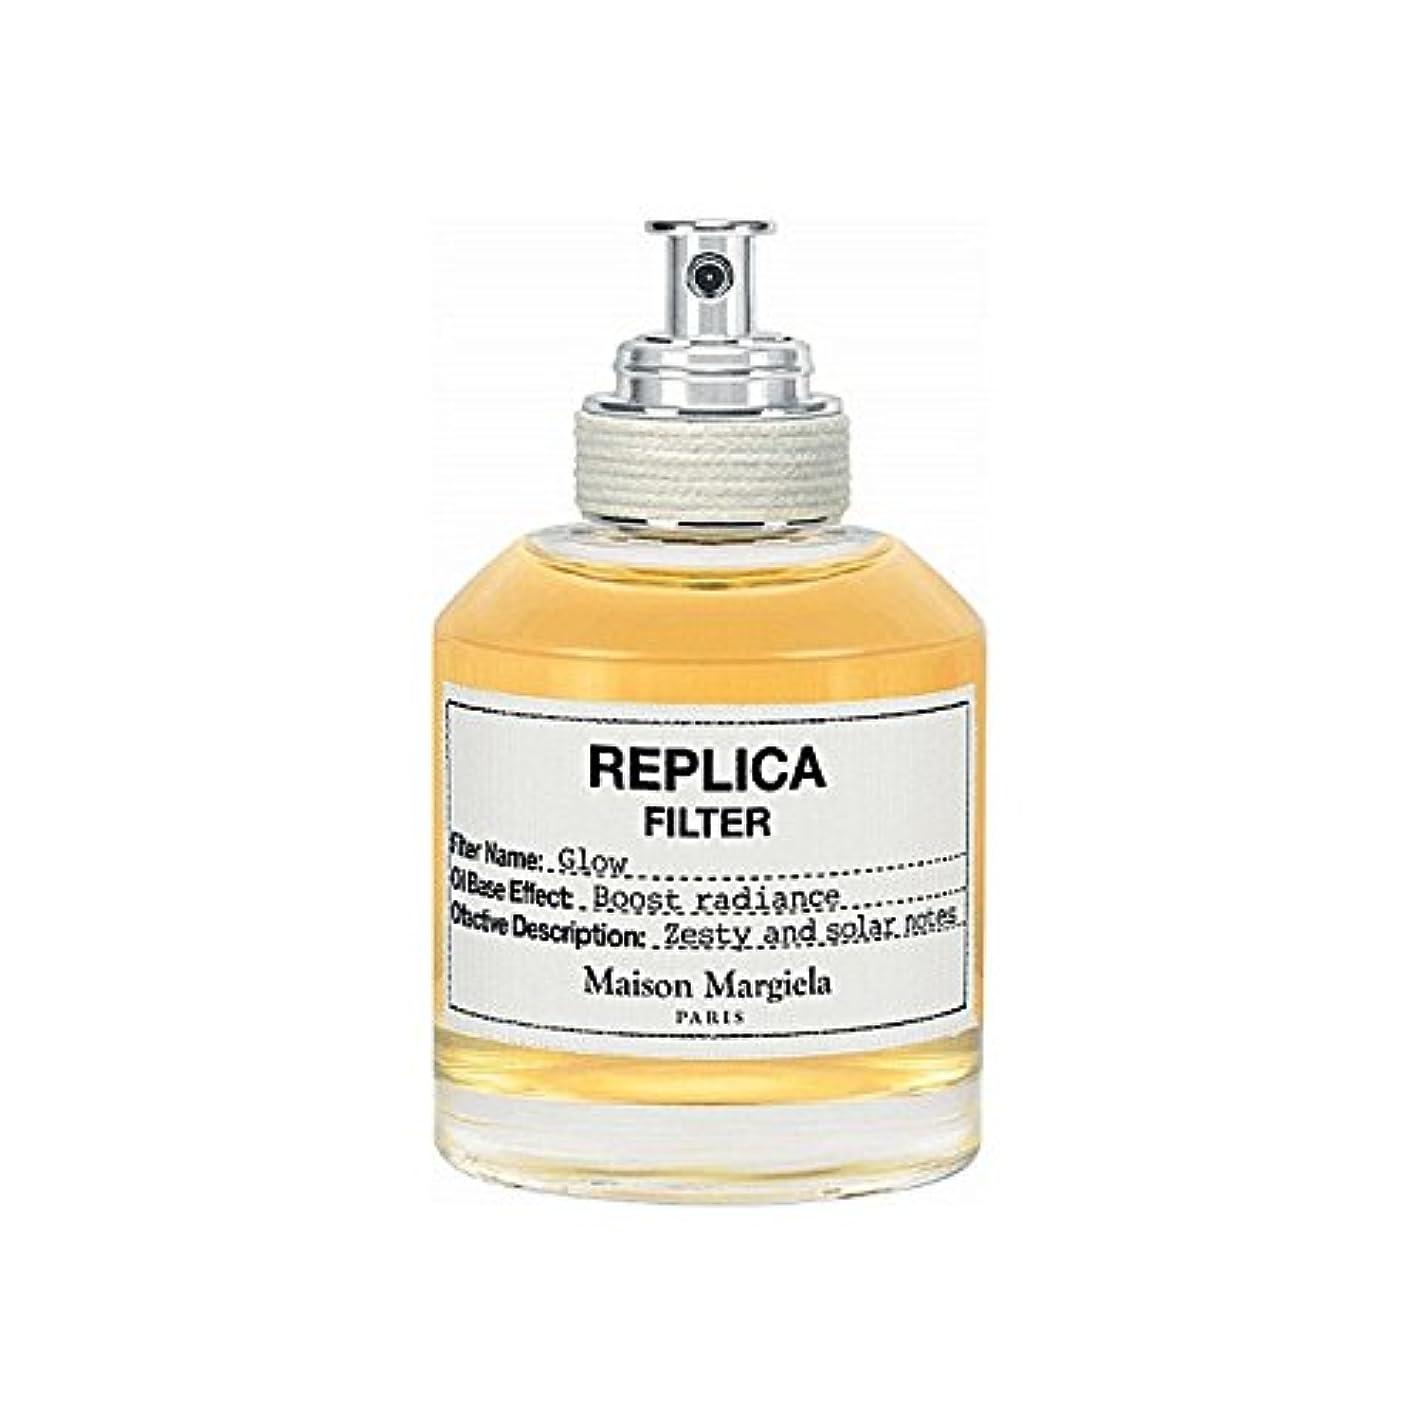 取り壊す十分ではない経験的Maison Margiela Glow Replica Filter 50ml (Pack of 6) - メゾンマルジェラグローレプリカフィルタ50ミリリットル x6 [並行輸入品]